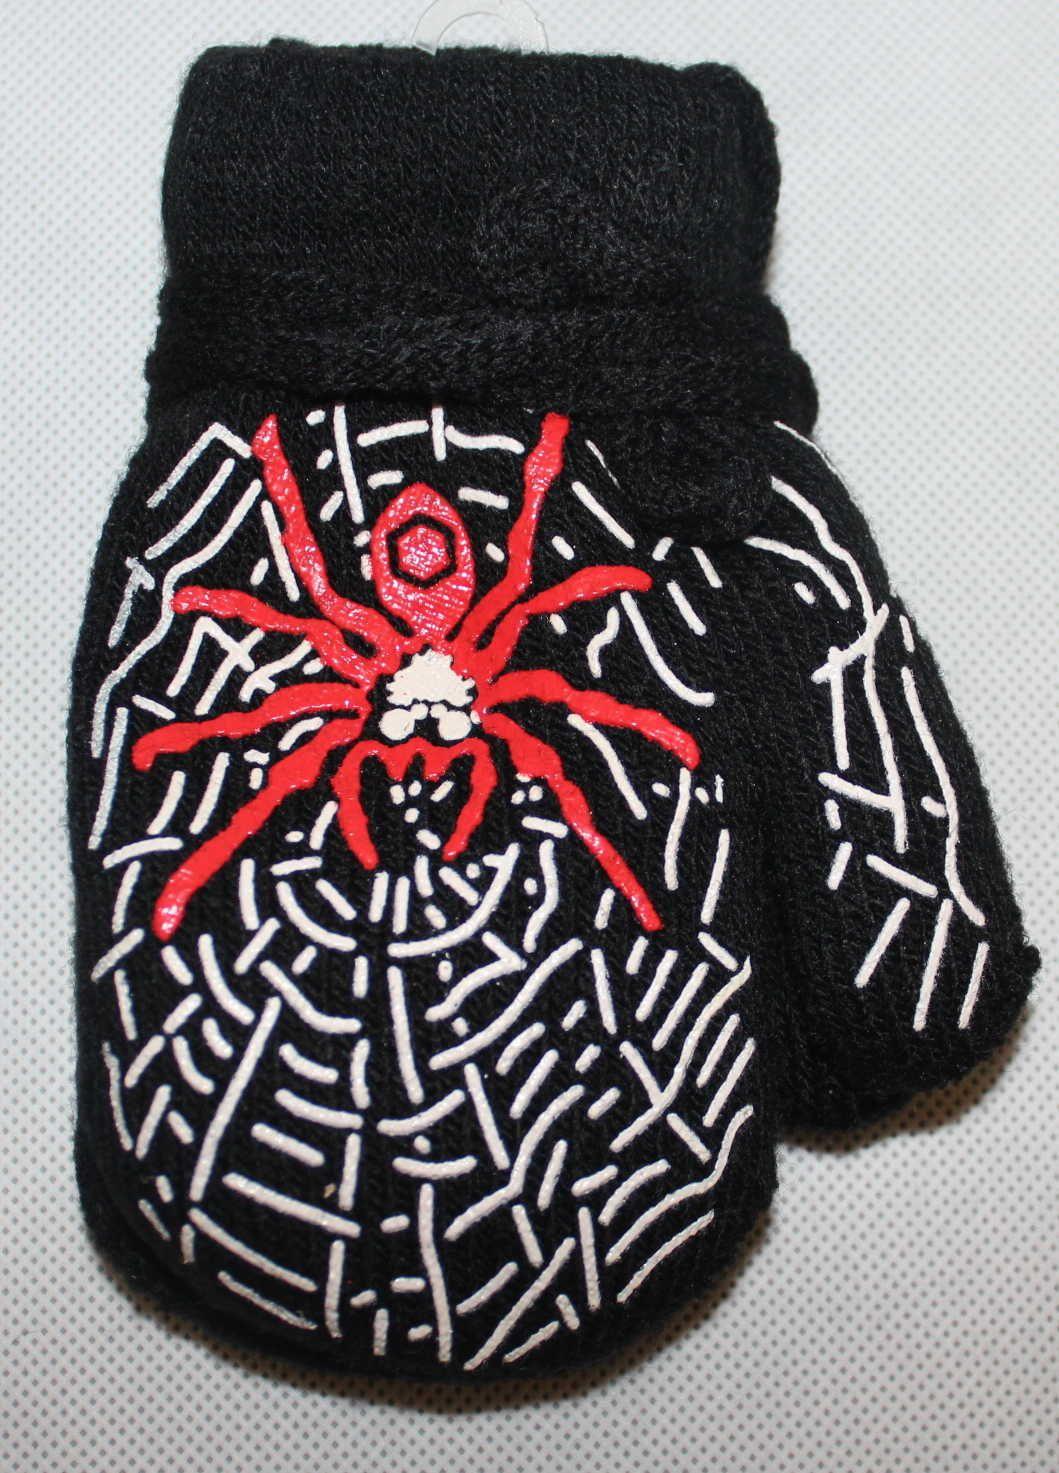 Dětské rukavice, dětské palčáky se šňůrkou, slabé rukavice, chlapecké palčáky s pavoukem, pletené rukavice palčáky, dětské rukavice na šňůrku